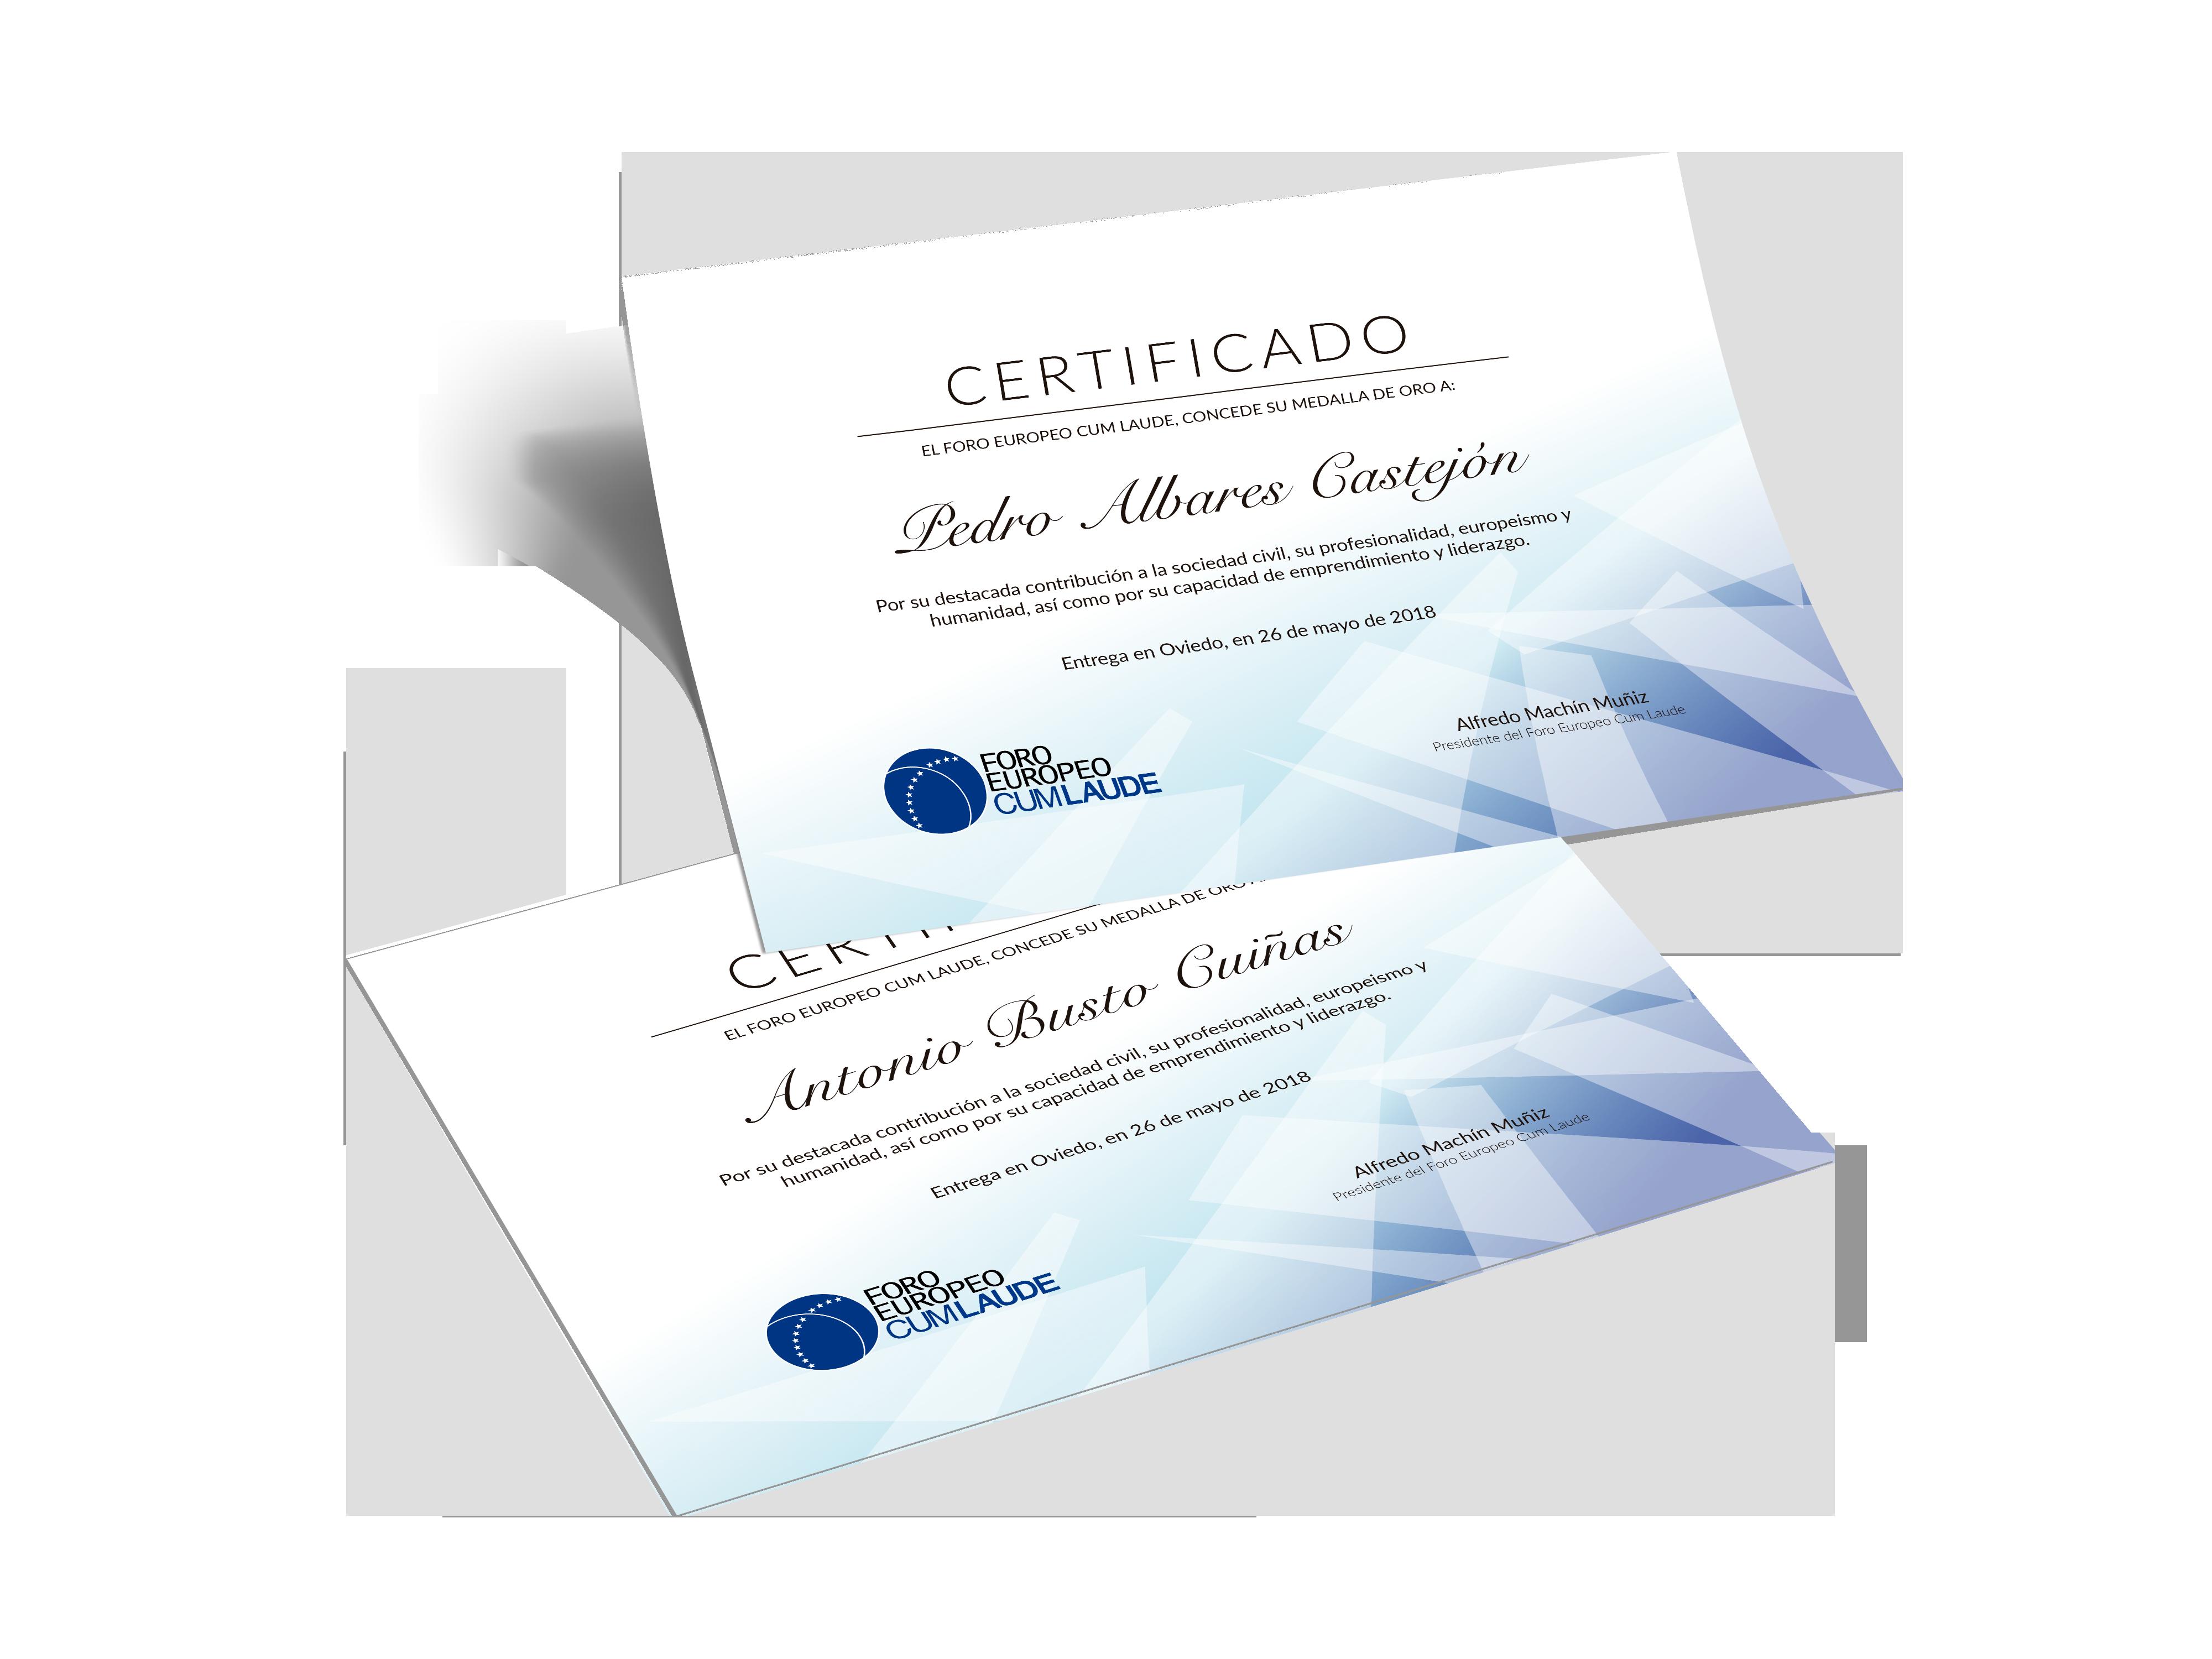 FECL_diplomas